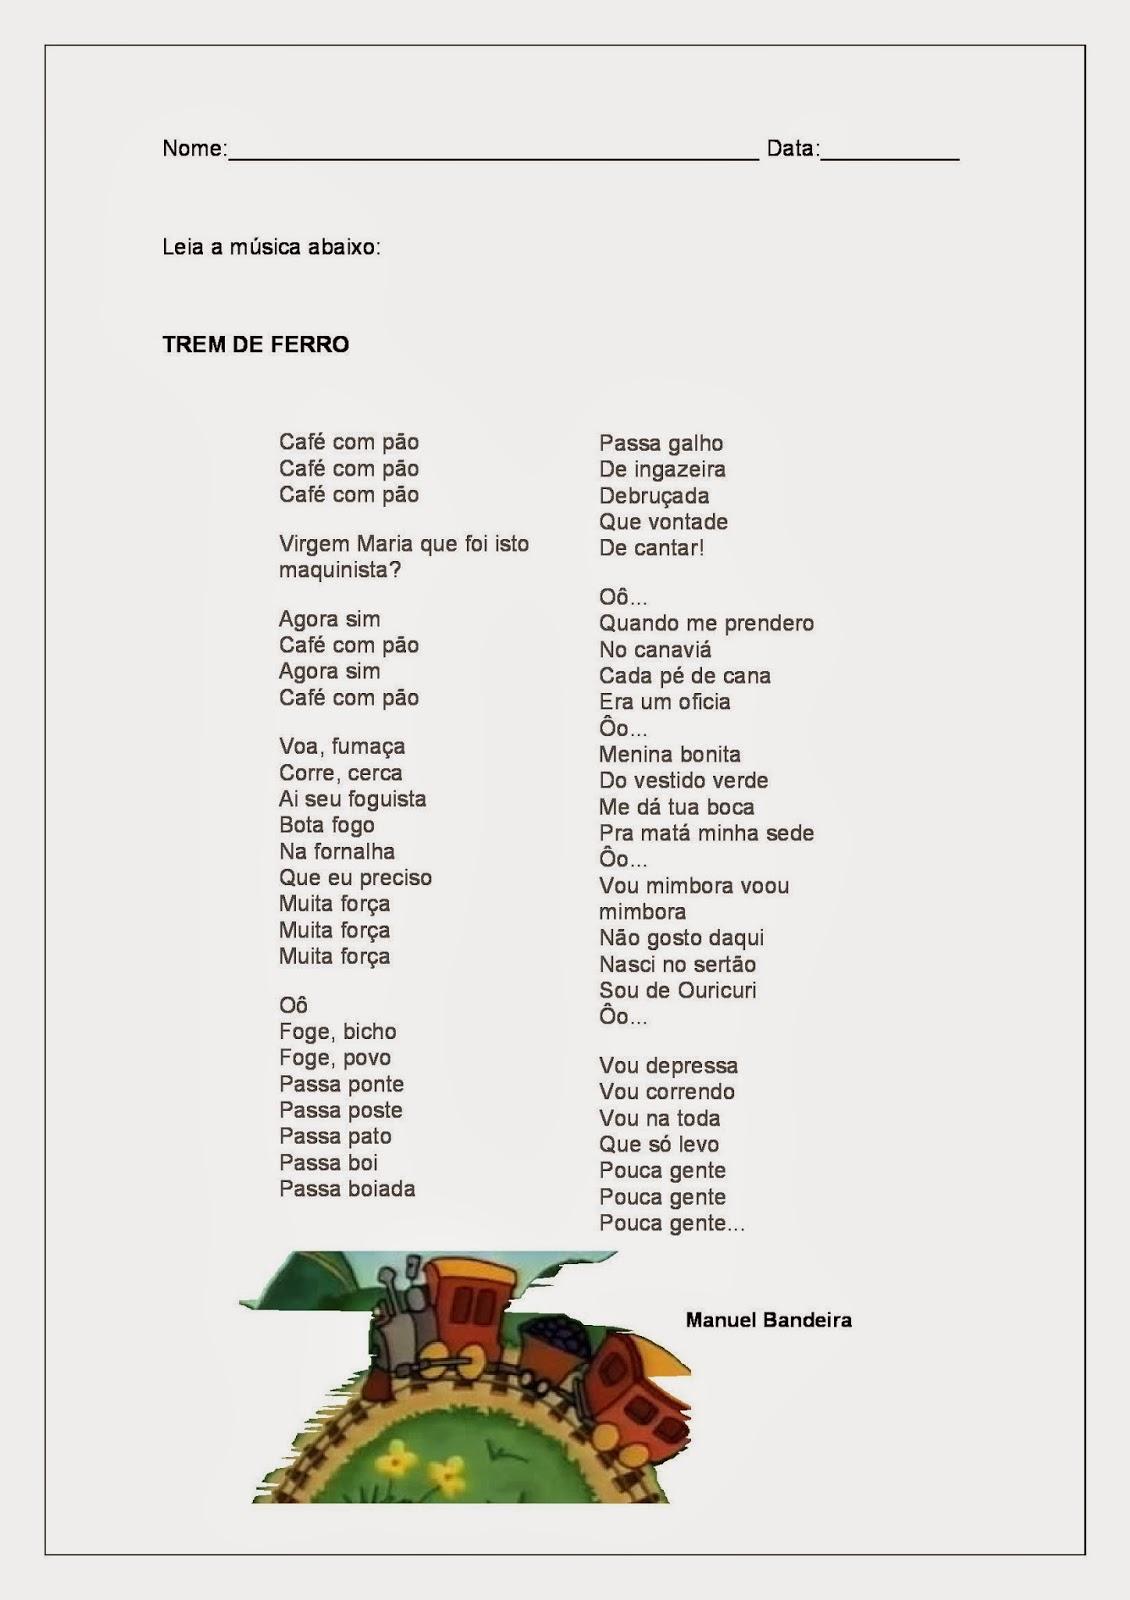 Trem de Ferro Manuel Bandeira - Alfabetização